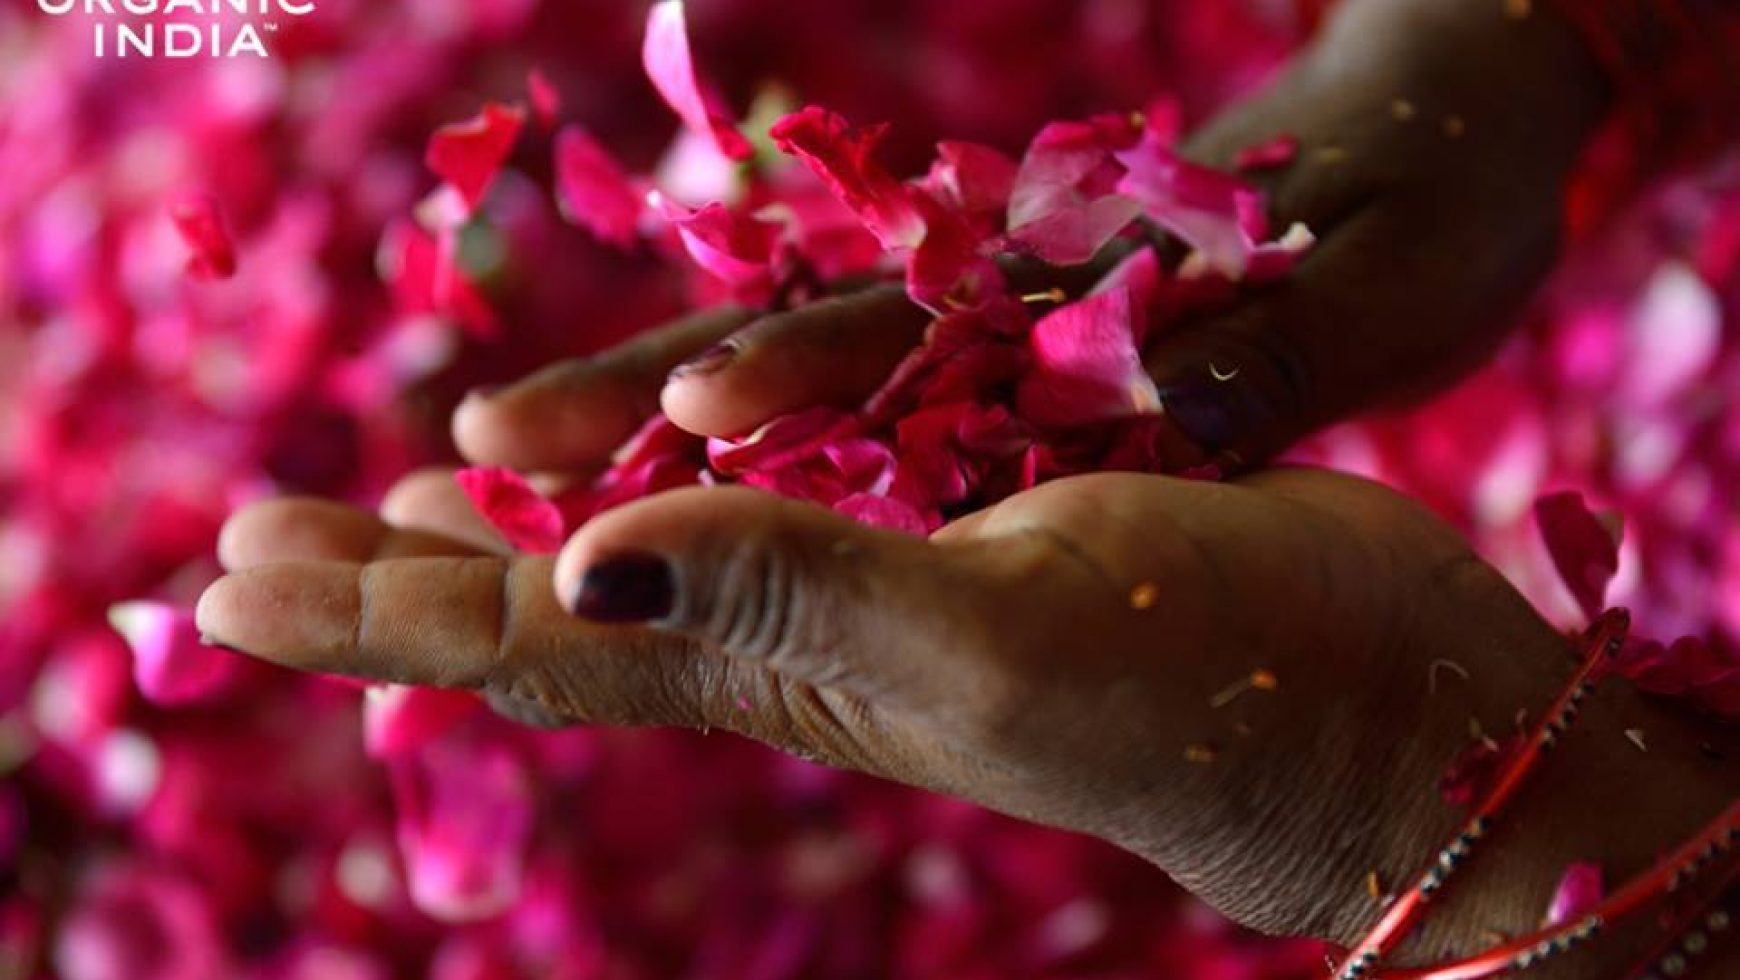 De ce ORGANIC INDIA foloseste intreaga planta in produsele sale